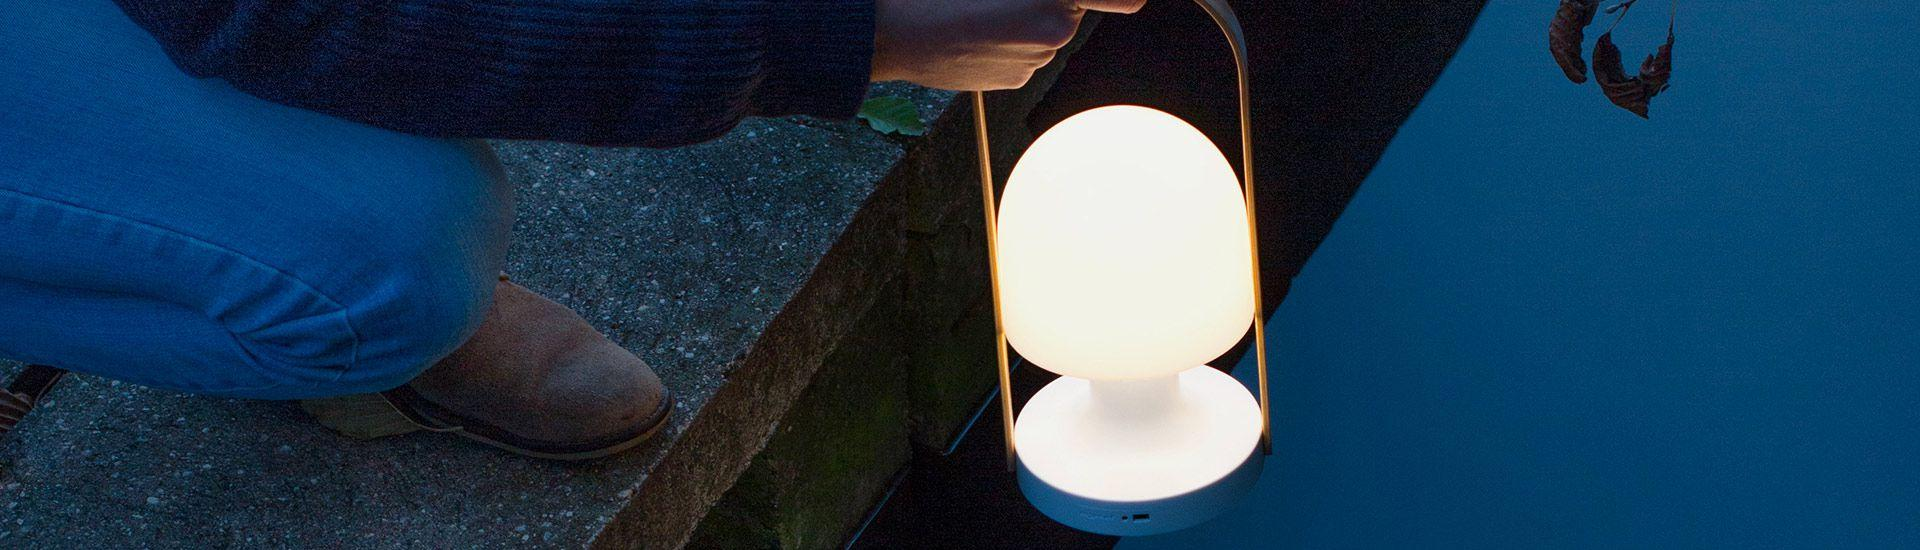 Follow Me Portable lamp LED 3,2W 2700K 240lm White